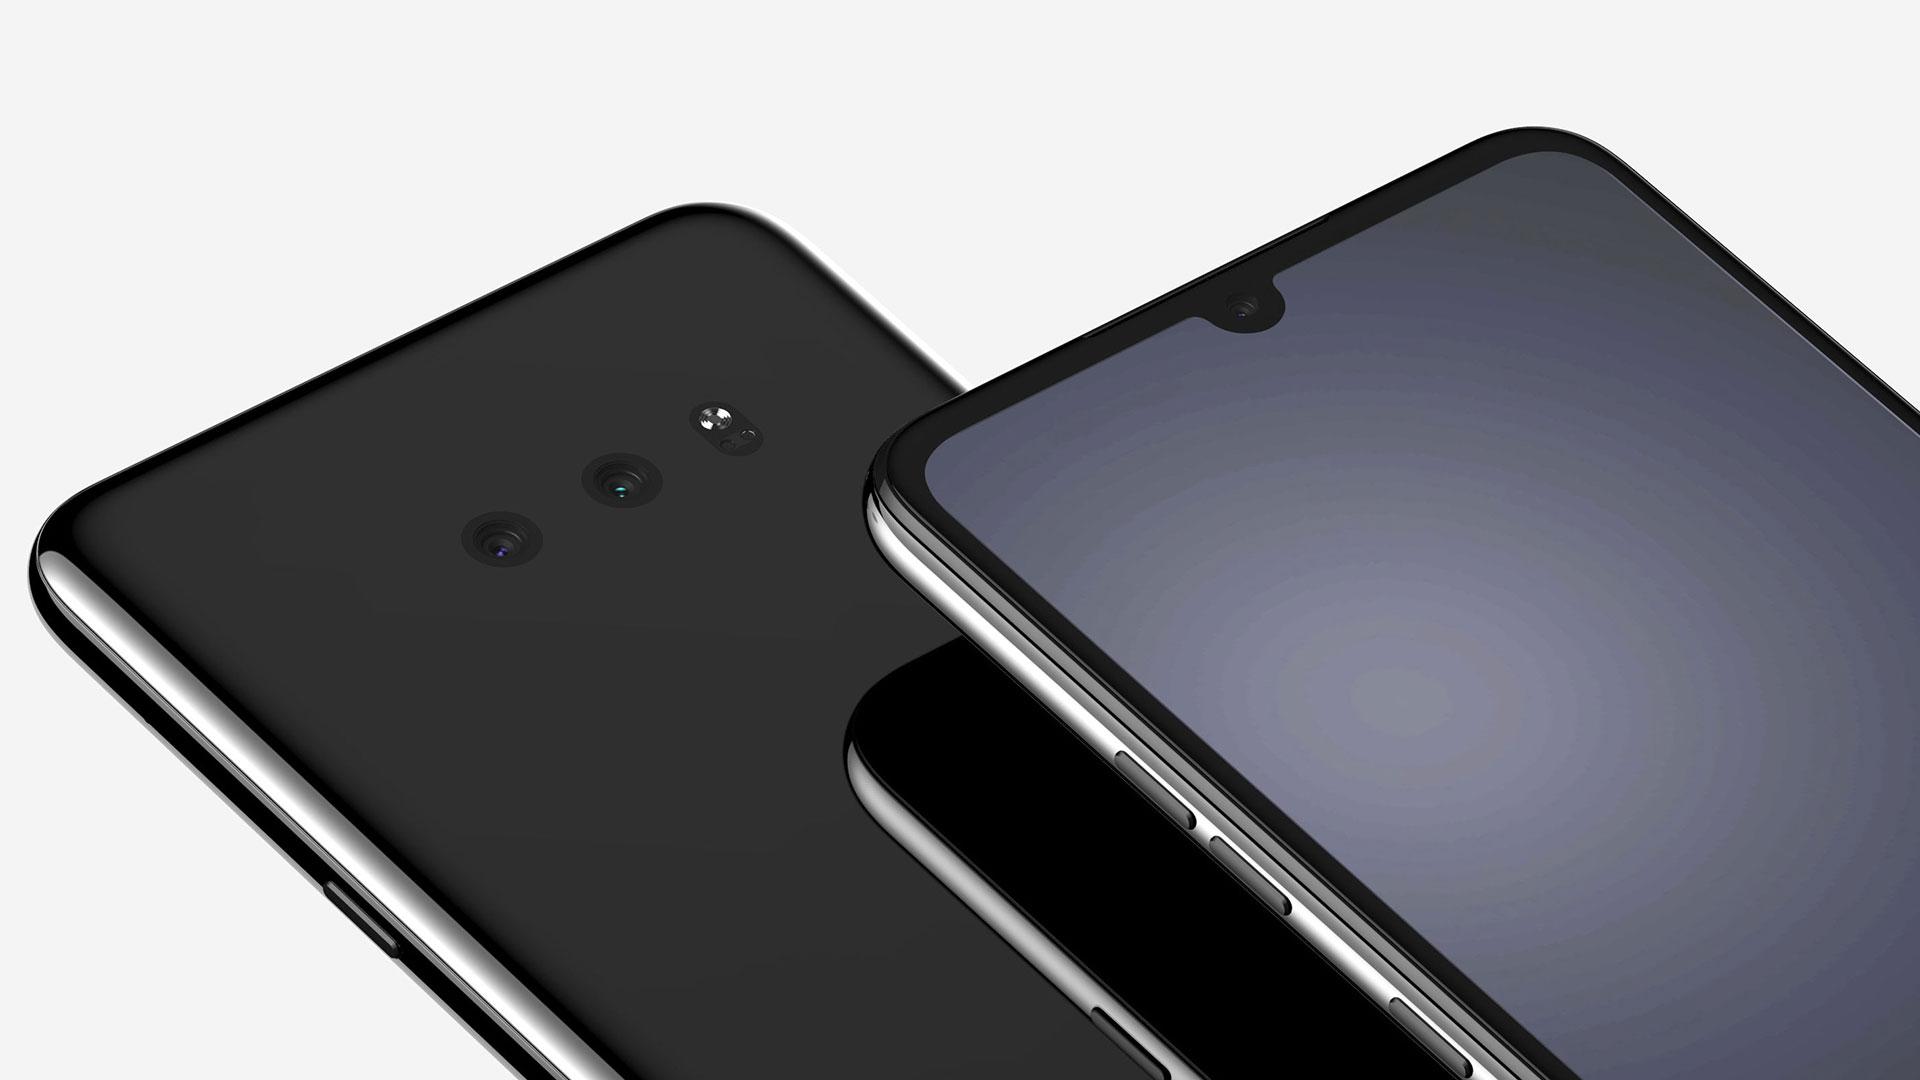 ال جی جی ۸ ایکس (LG G8X) را با ناچ قطره ای، دوربین دوگانه و جک ۳.۵ میلی متری صدا ببینید